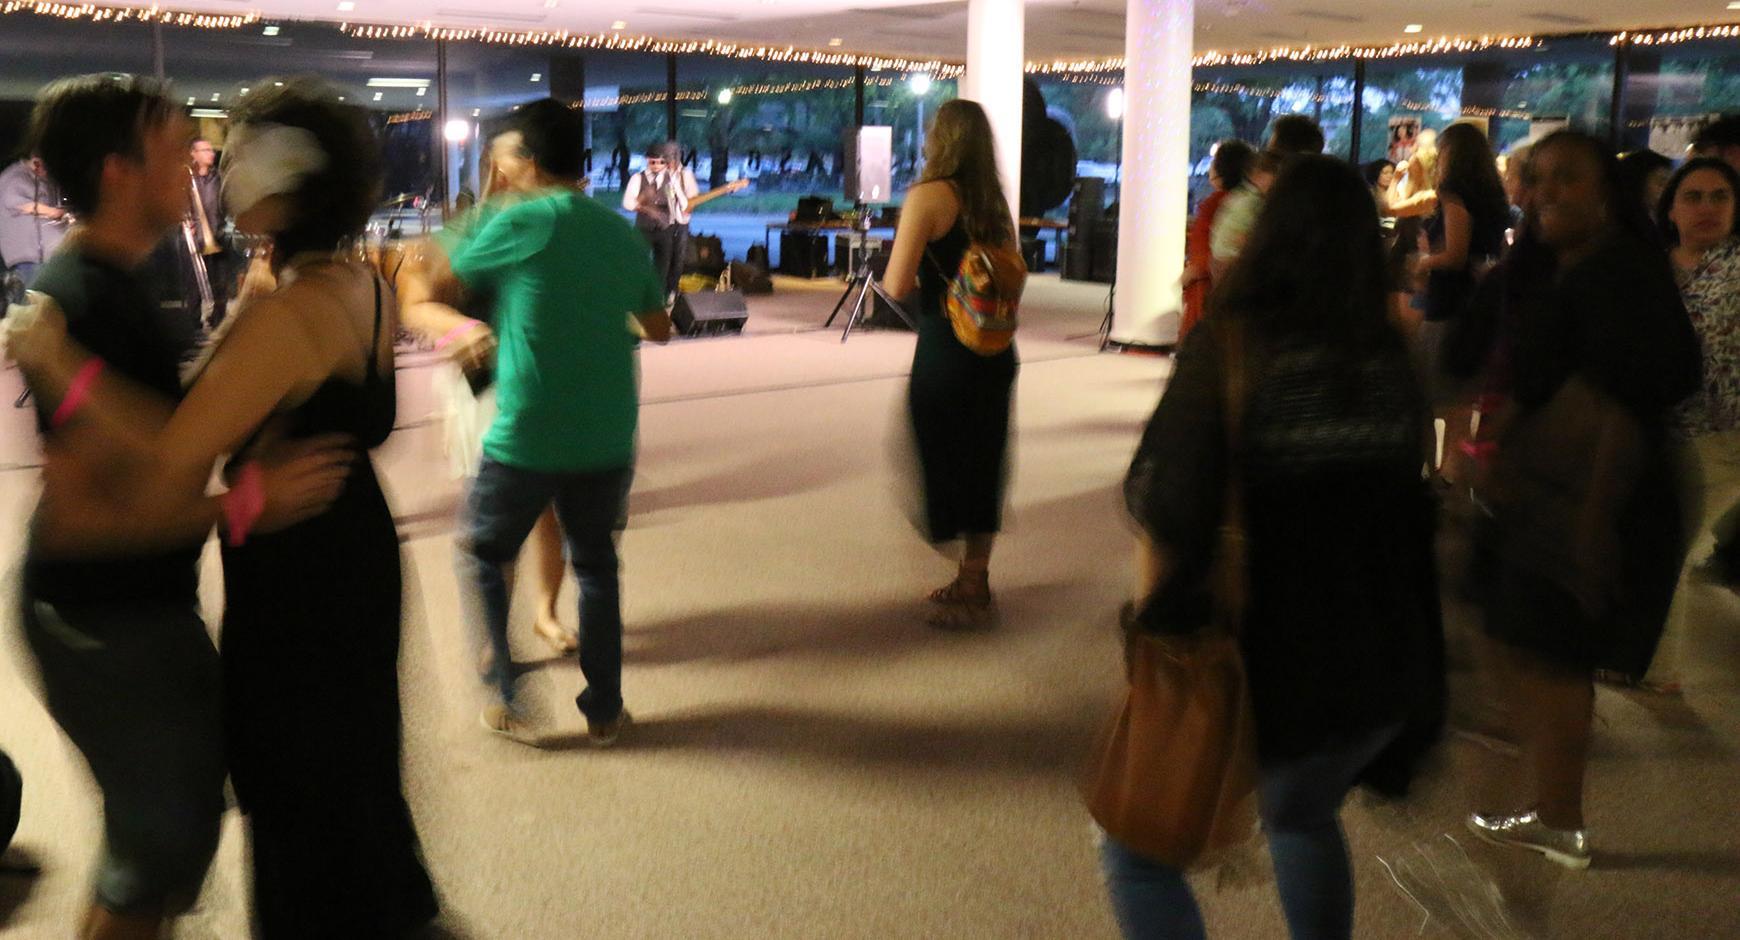 Dancers at A Viva Voz